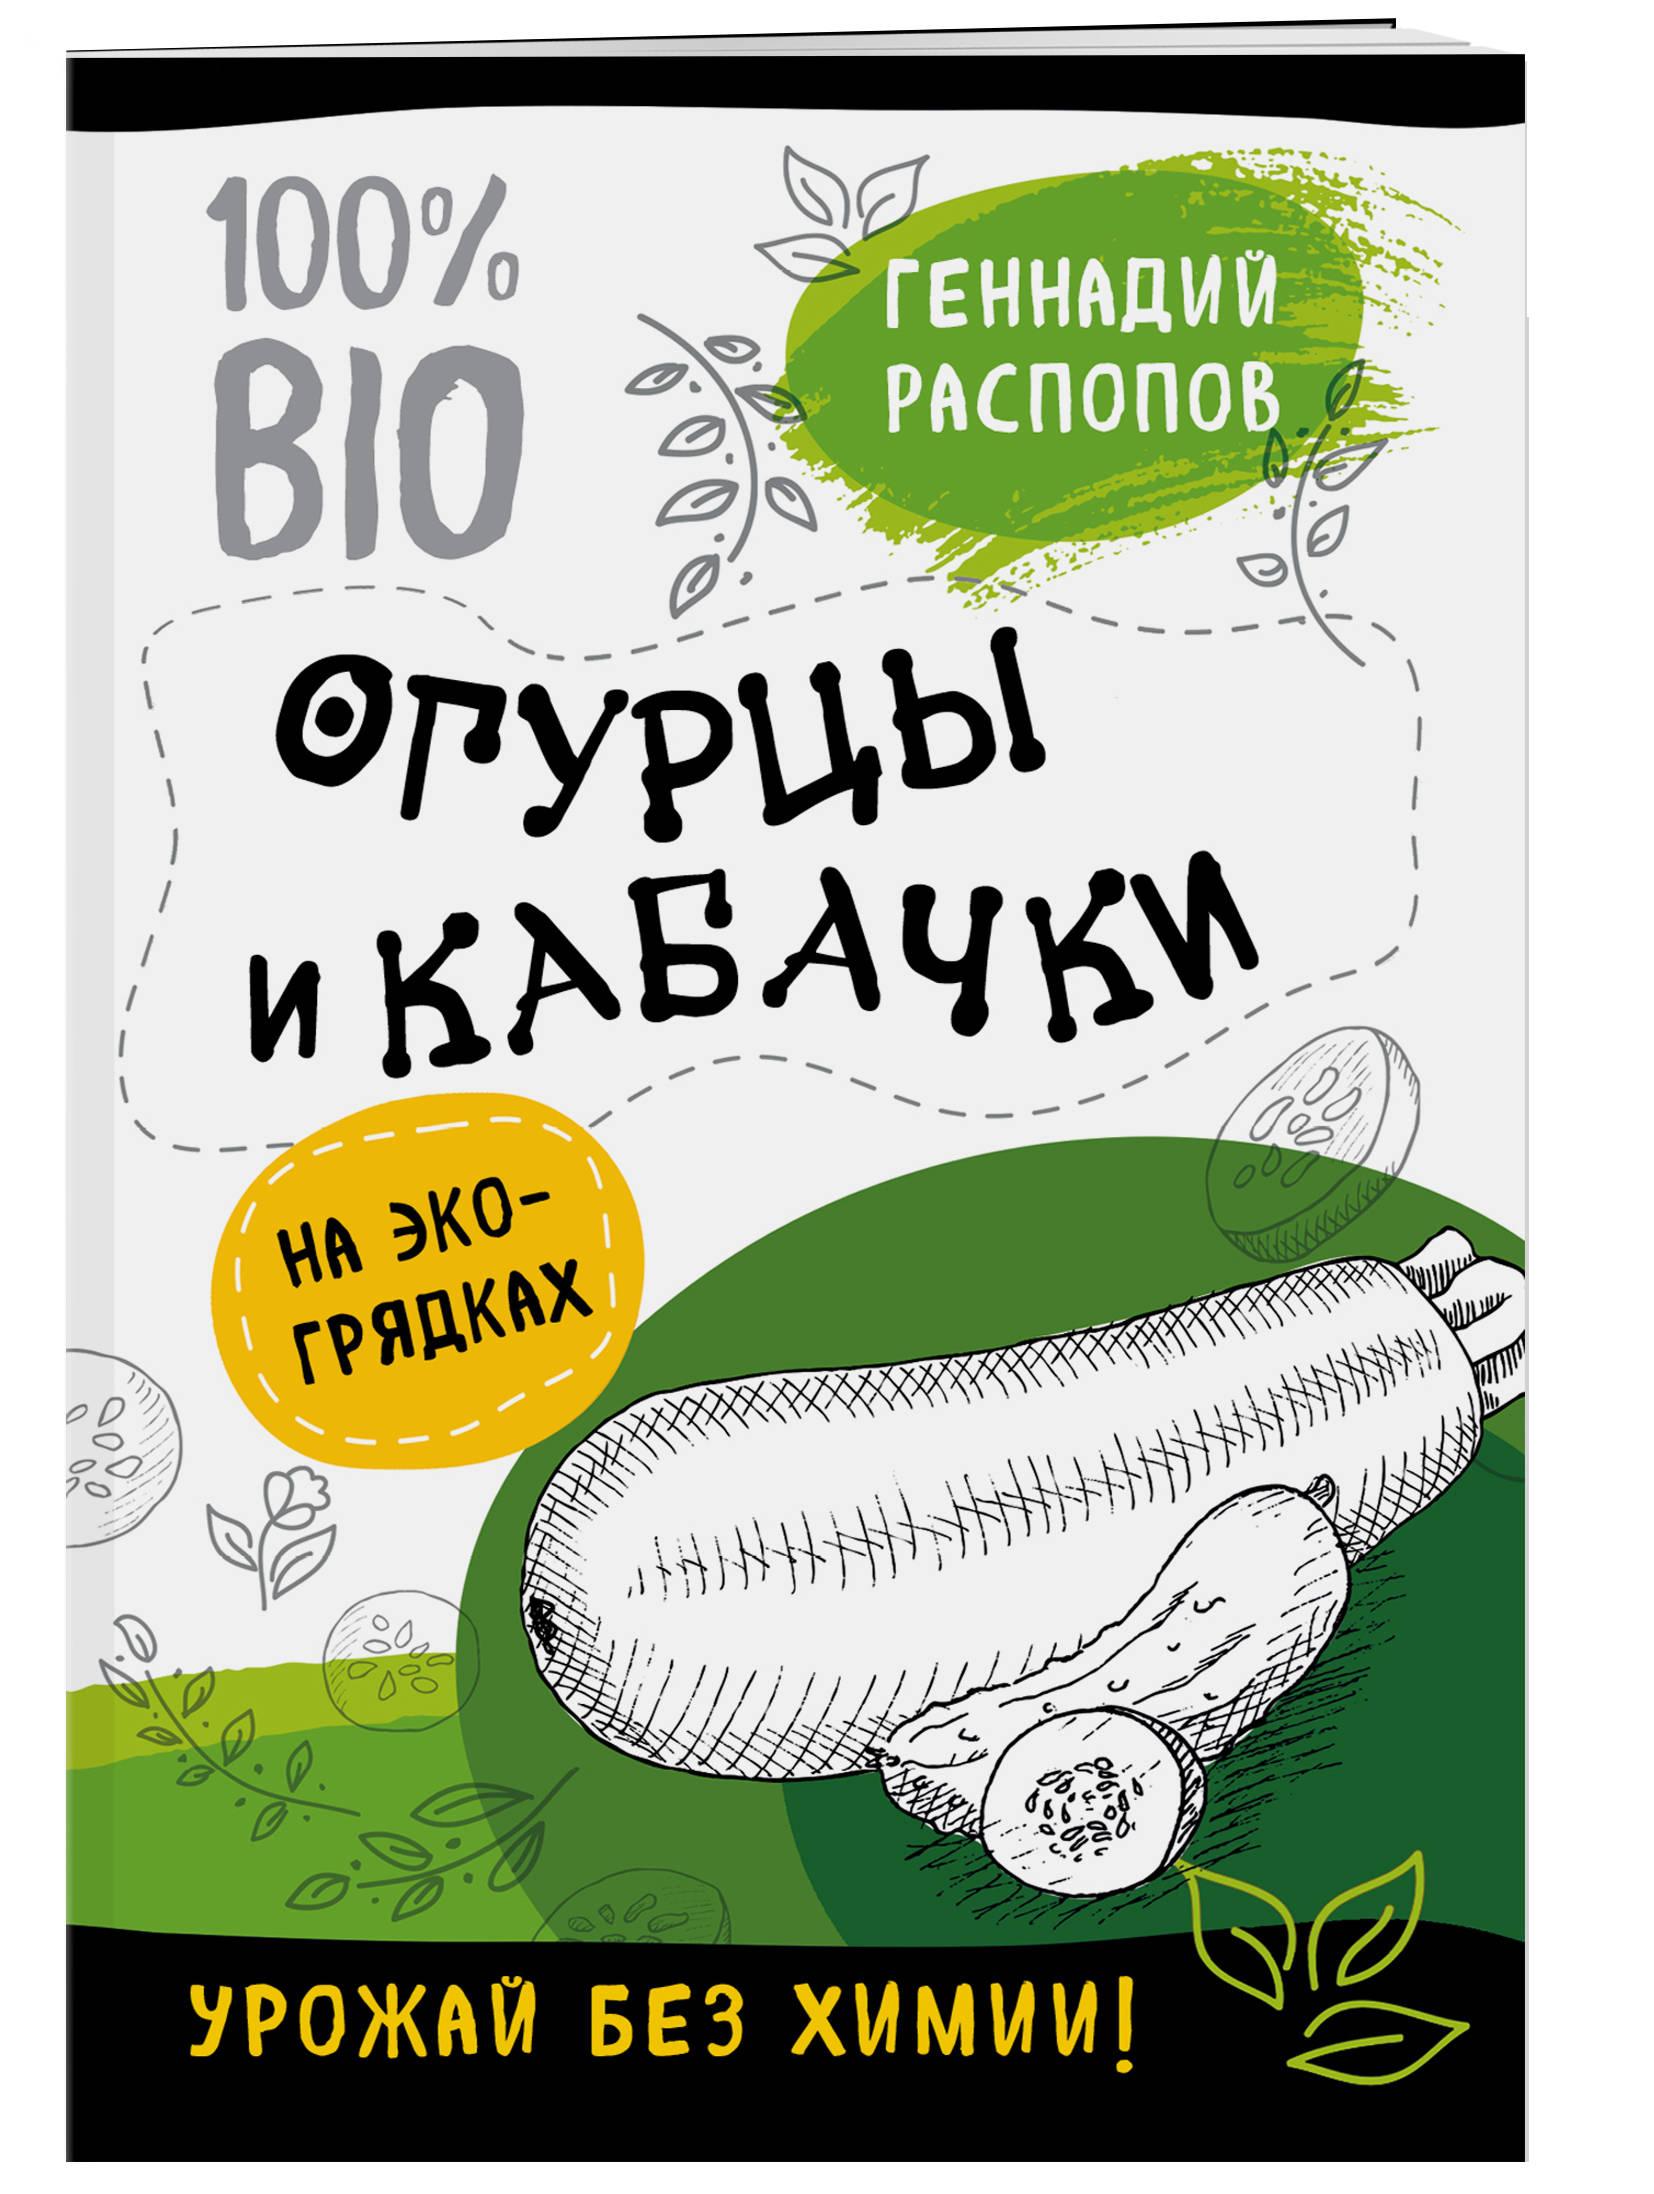 Распопов Г.Ф. Огурцы и кабачки на эко грядках. Урожай без химии какие сорта самоопыляемых огурцов длядачи